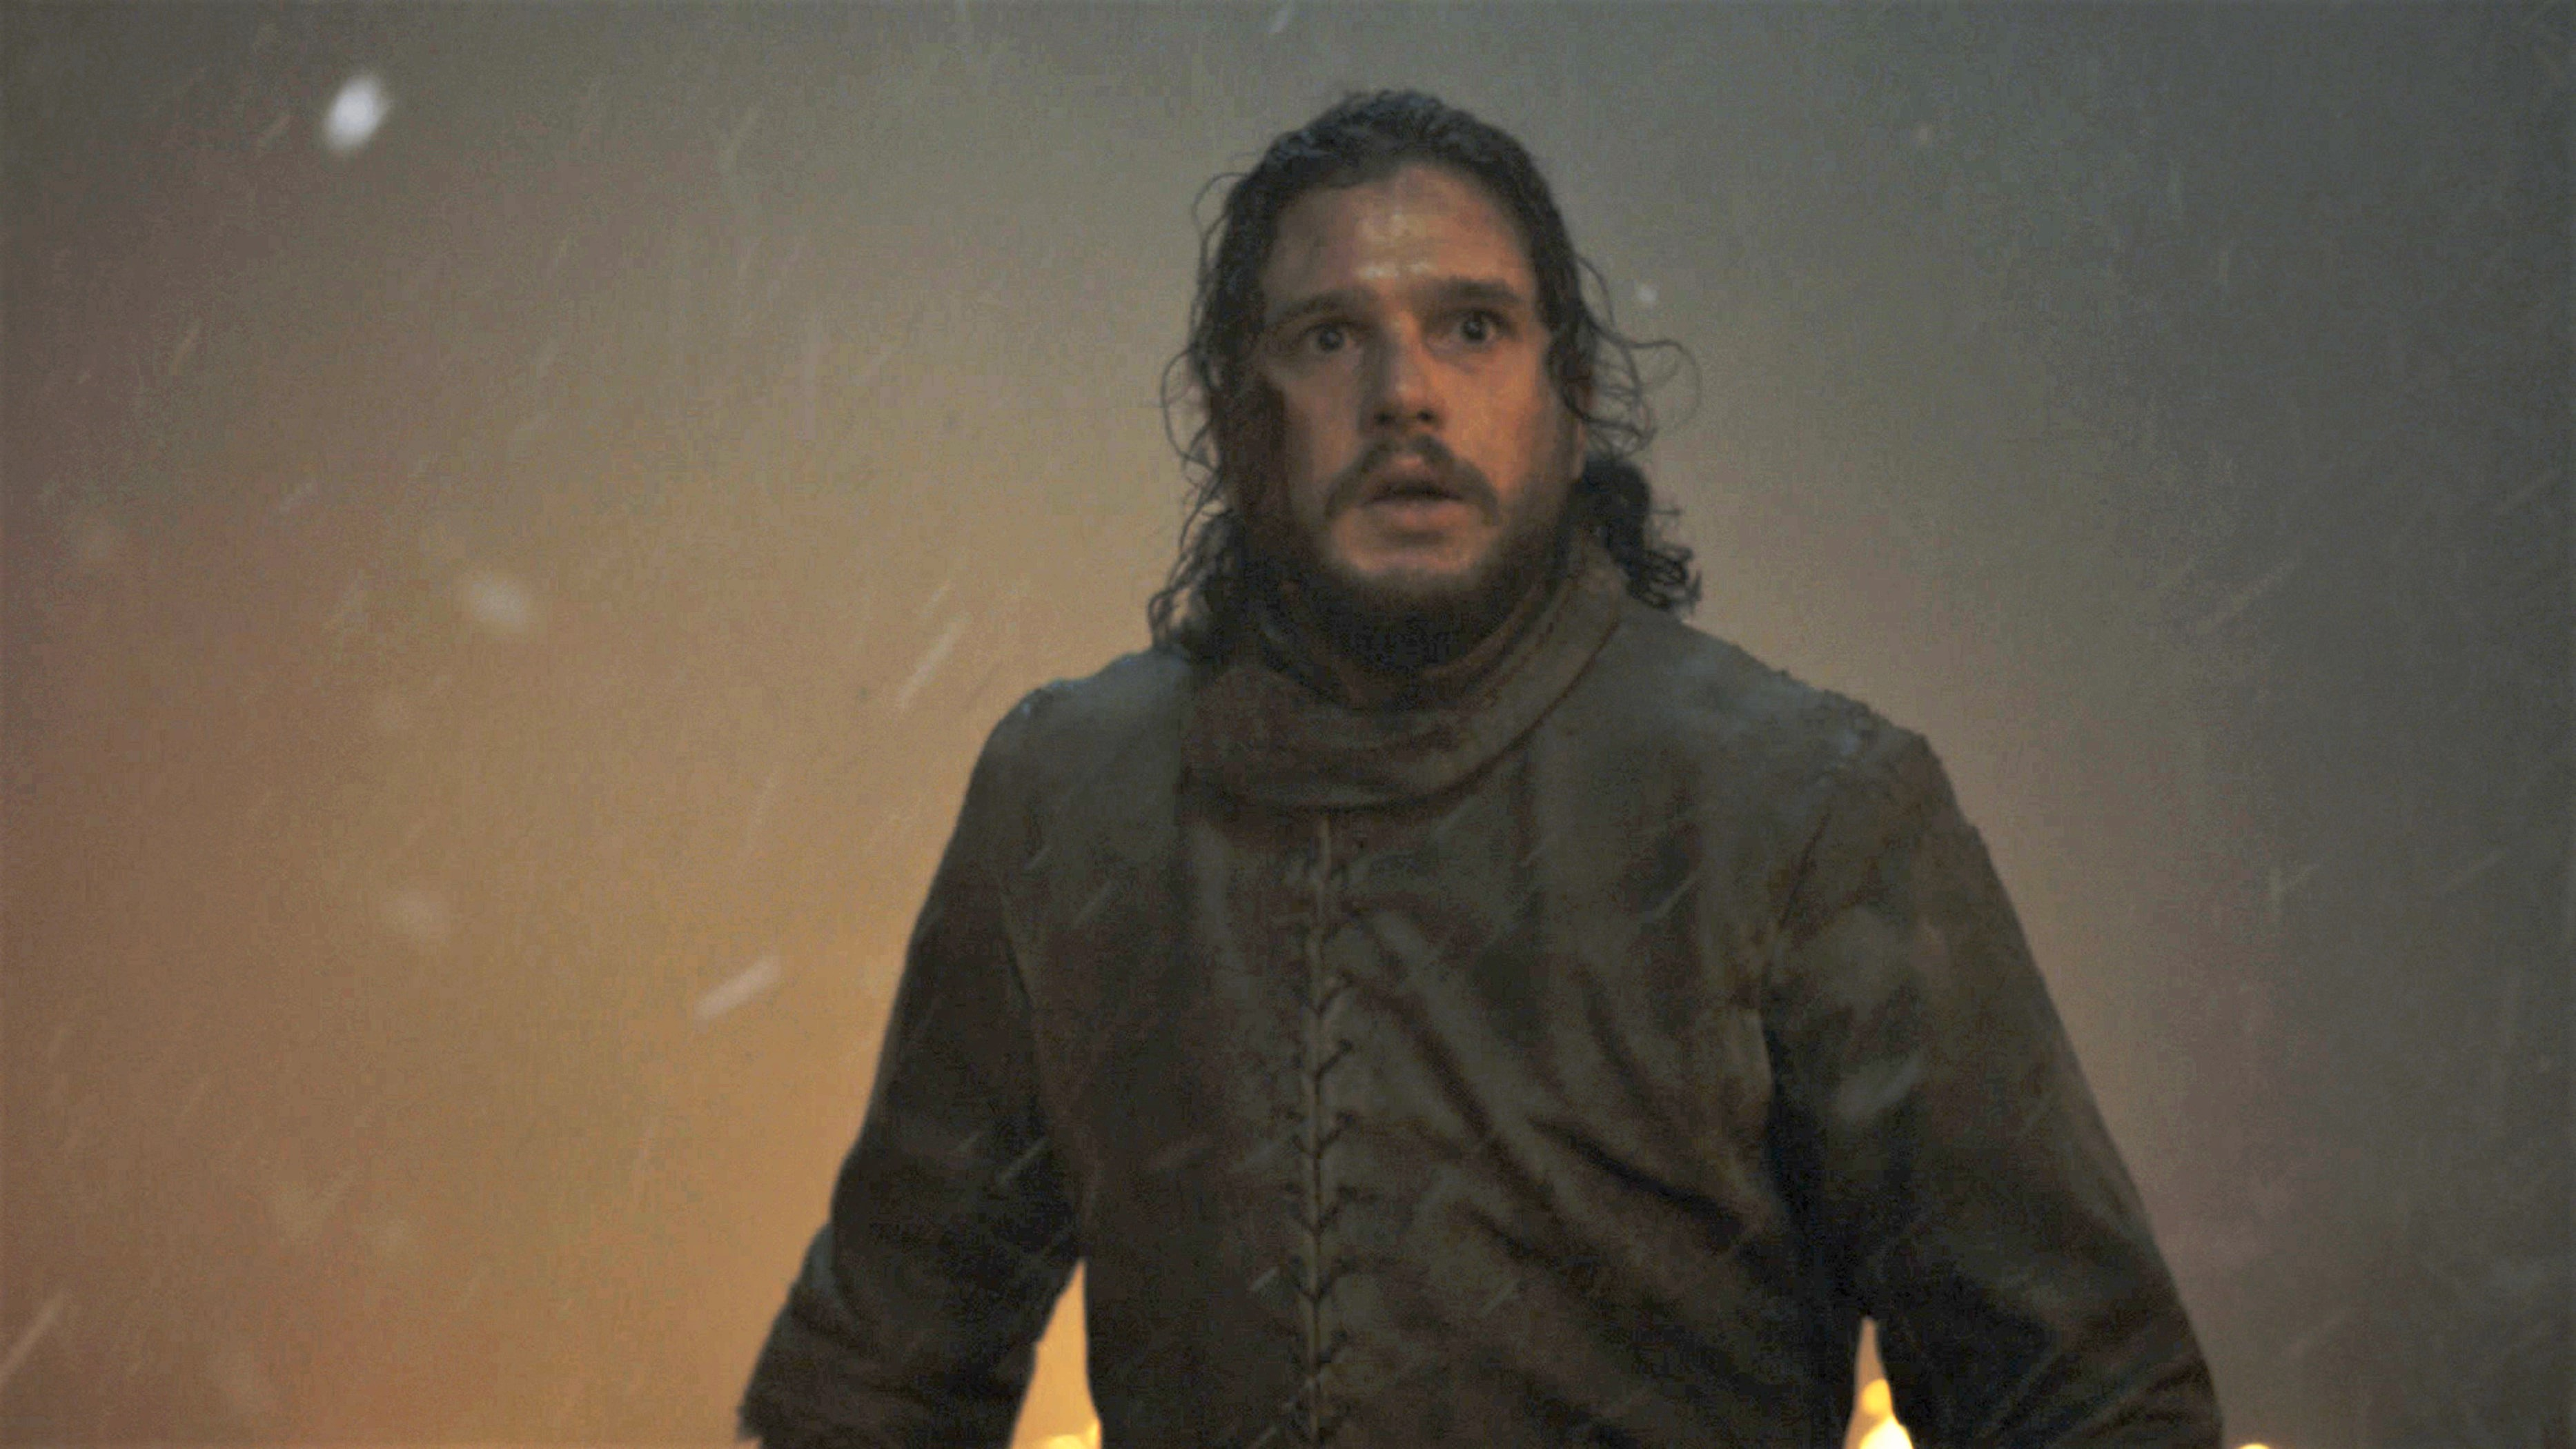 Jon Snow 803 Season 8 Battle of Winterfell Brightened